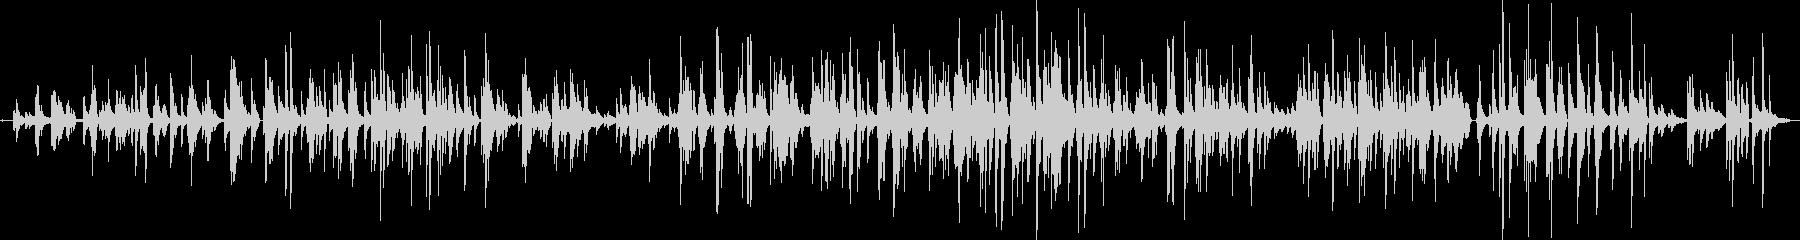 昔のジャズソロピアノの未再生の波形